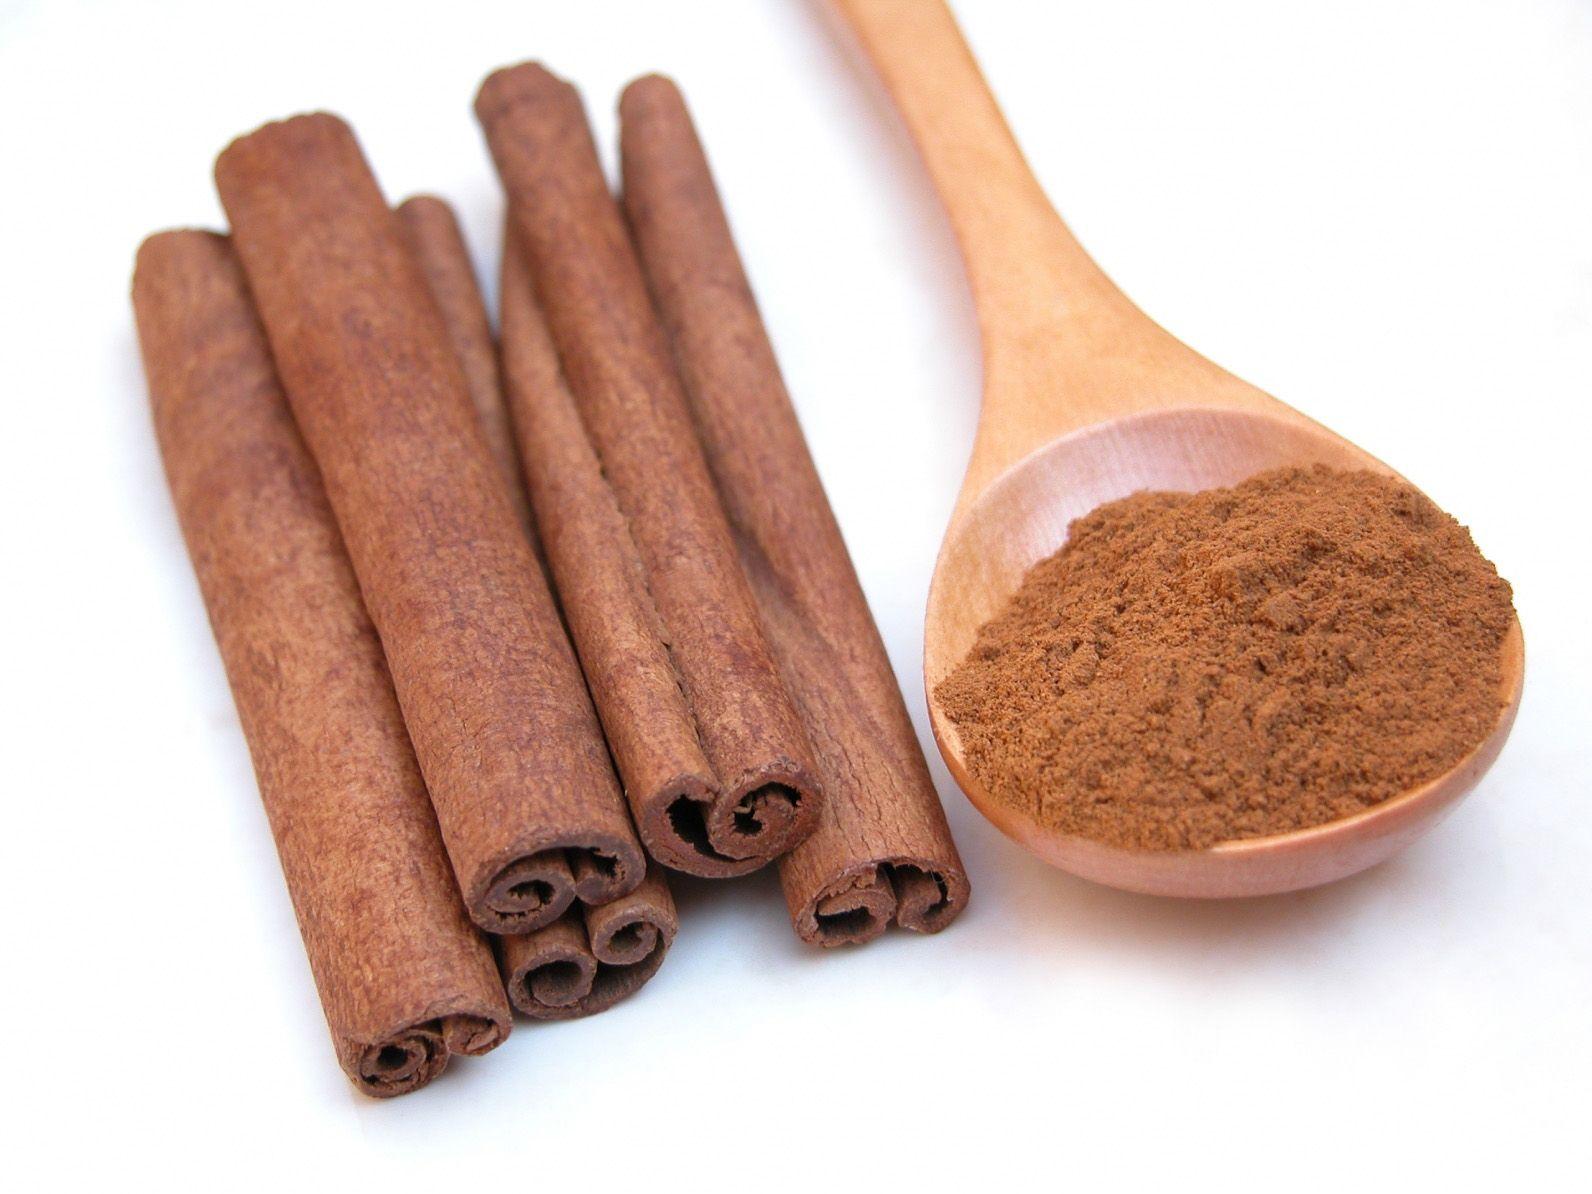 القرفة Cinnamon هي لحاء نبات شجرة دائمة الخضرة استوائية كثيفة يمكن أن يصل ارتفاعها من عشرة إ Cinnamon Benefits Sinus Headache Home Remedies Honey And Cinnamon